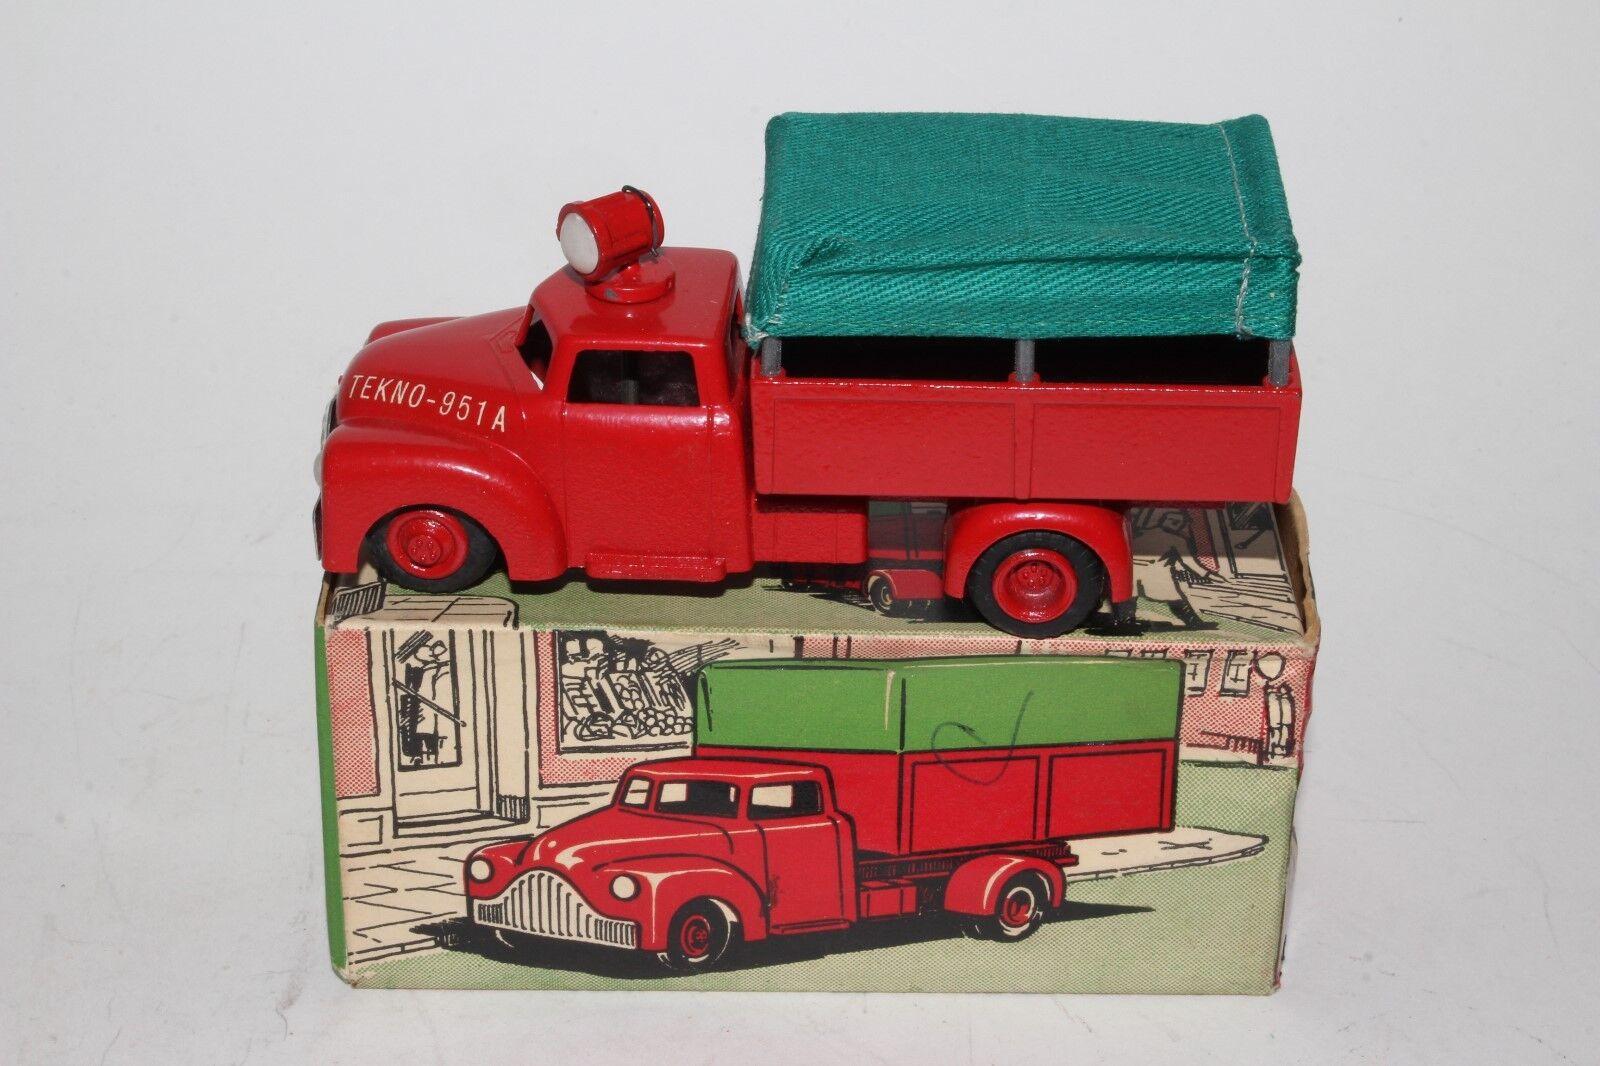 garantía de crédito Tekno Juguetes, década de 1950  951-A cubierto cubierto cubierto camión con caja, agradable Original  buena calidad